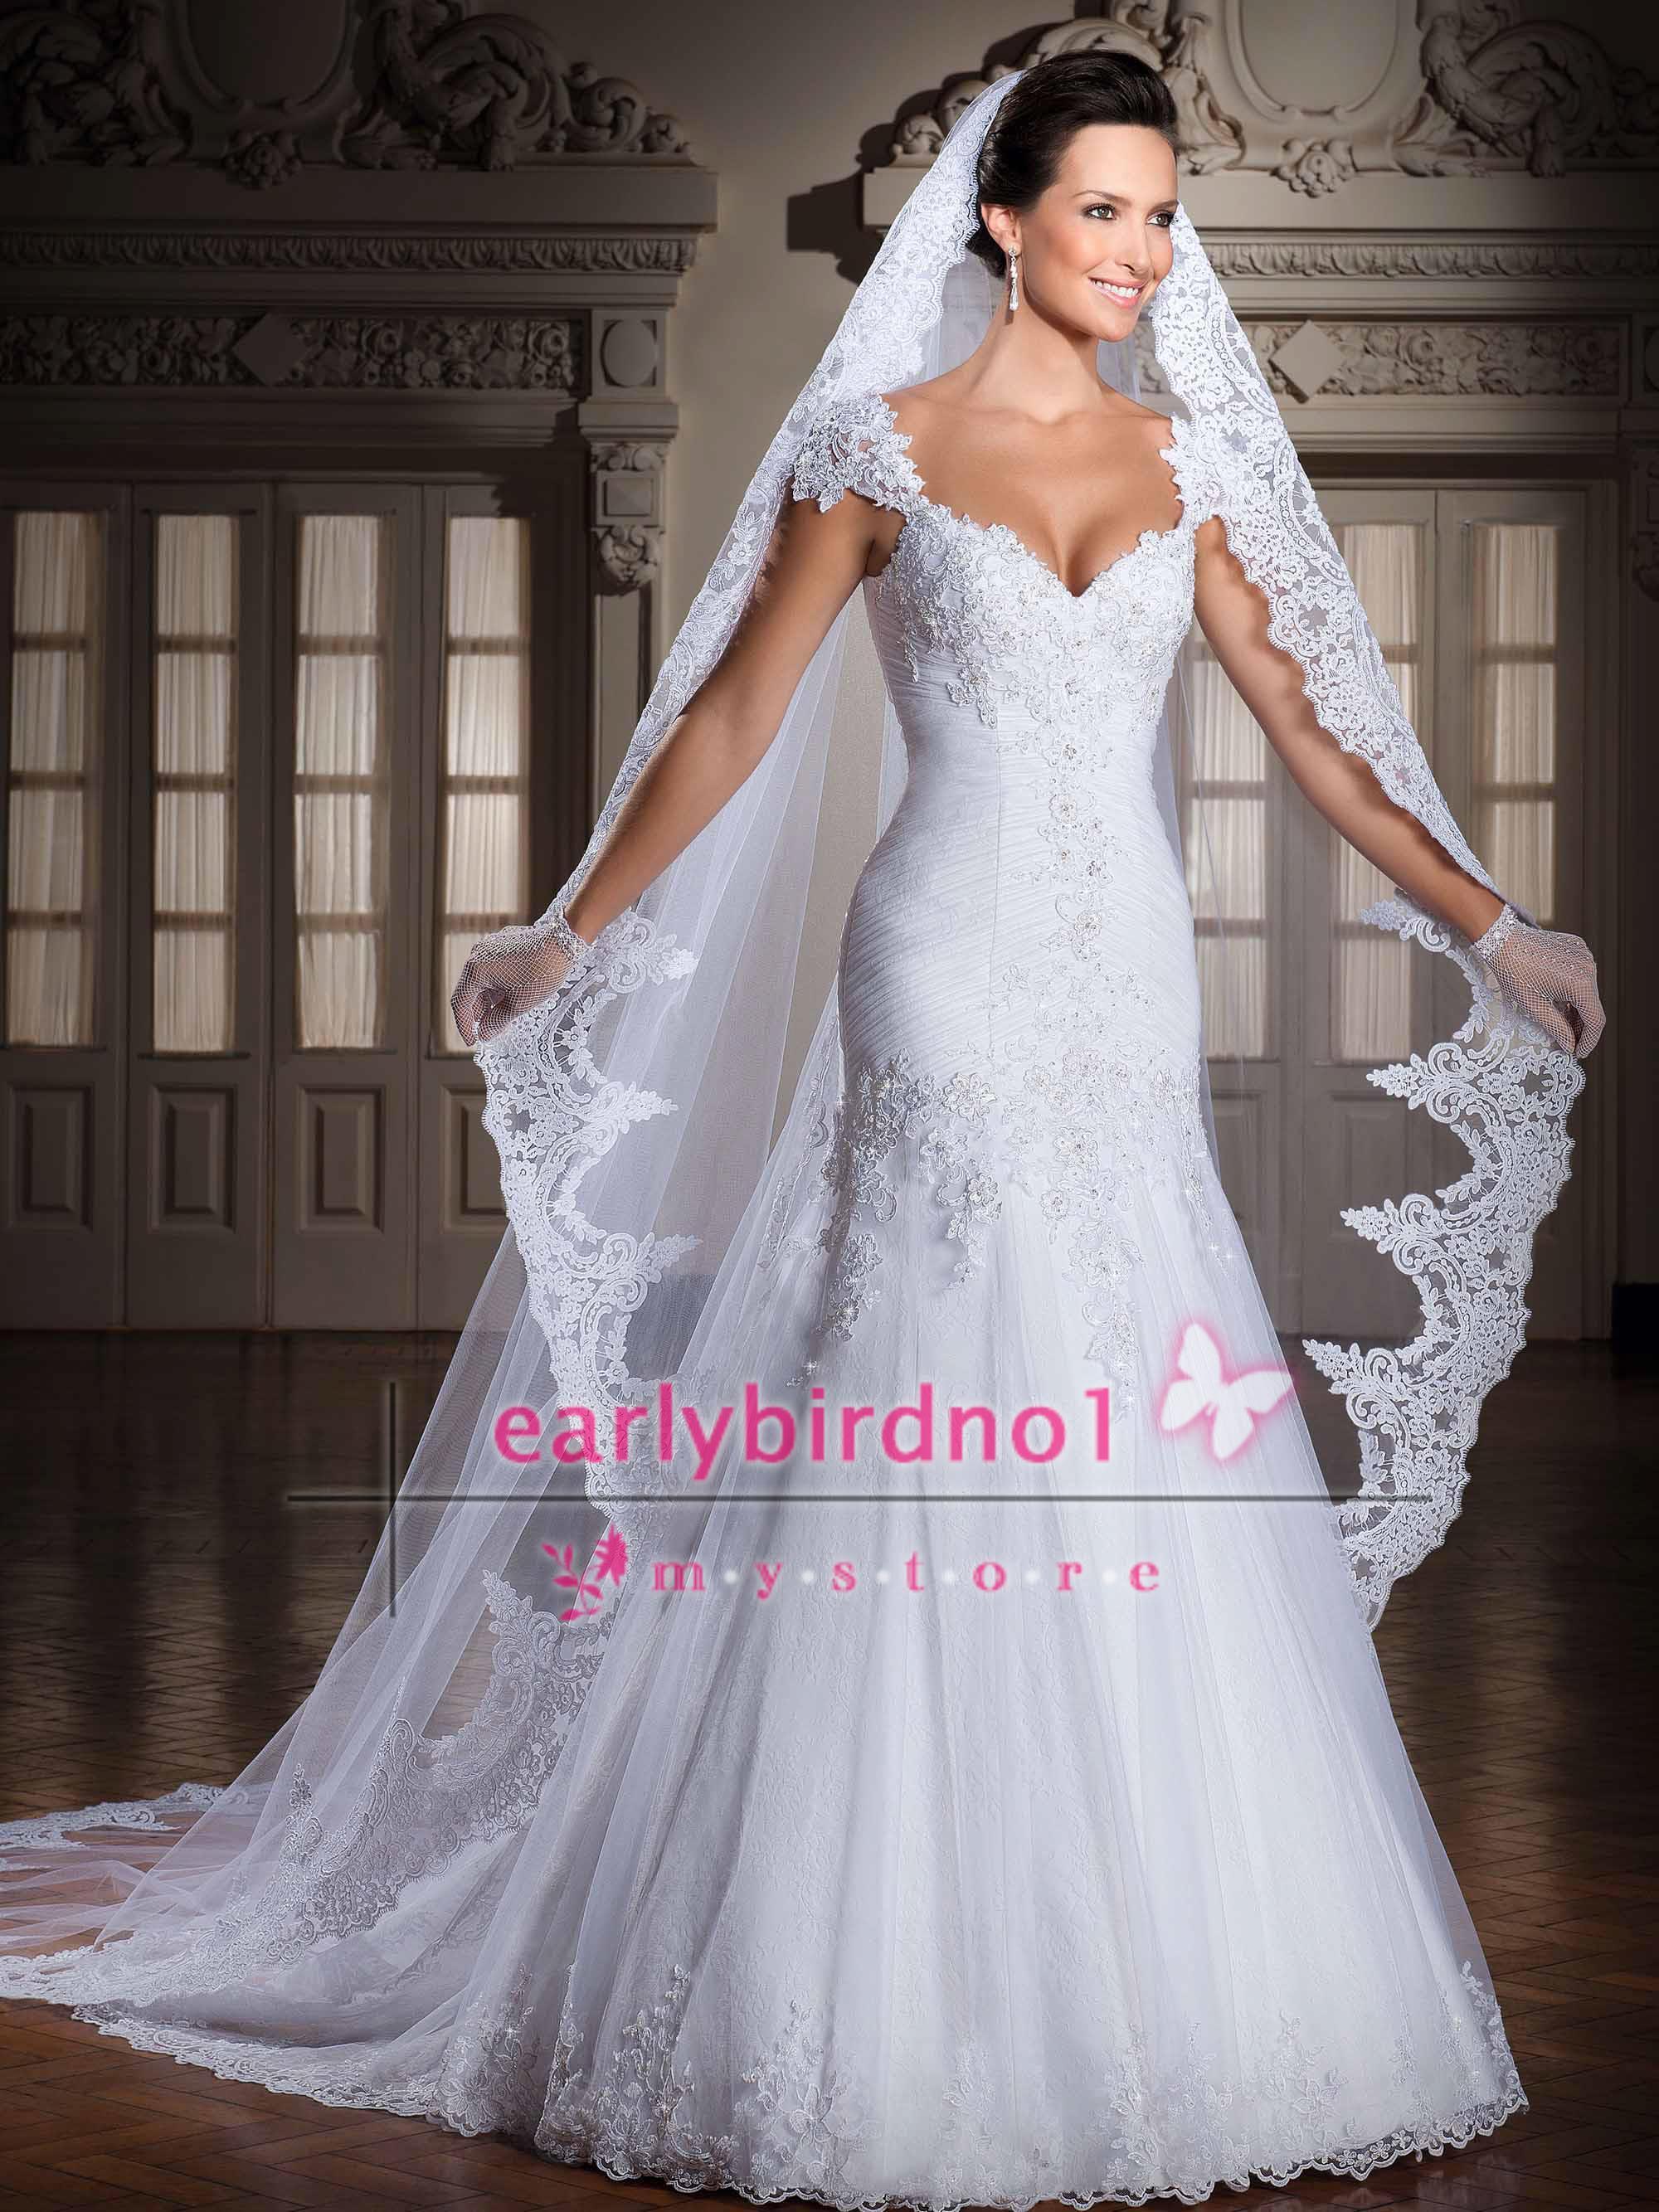 На заказ старинные длинные тюль свадебные платья вуали один слой аппликация кружева свадебные вуали красивые, как показано на рисунке кружева аппликация края